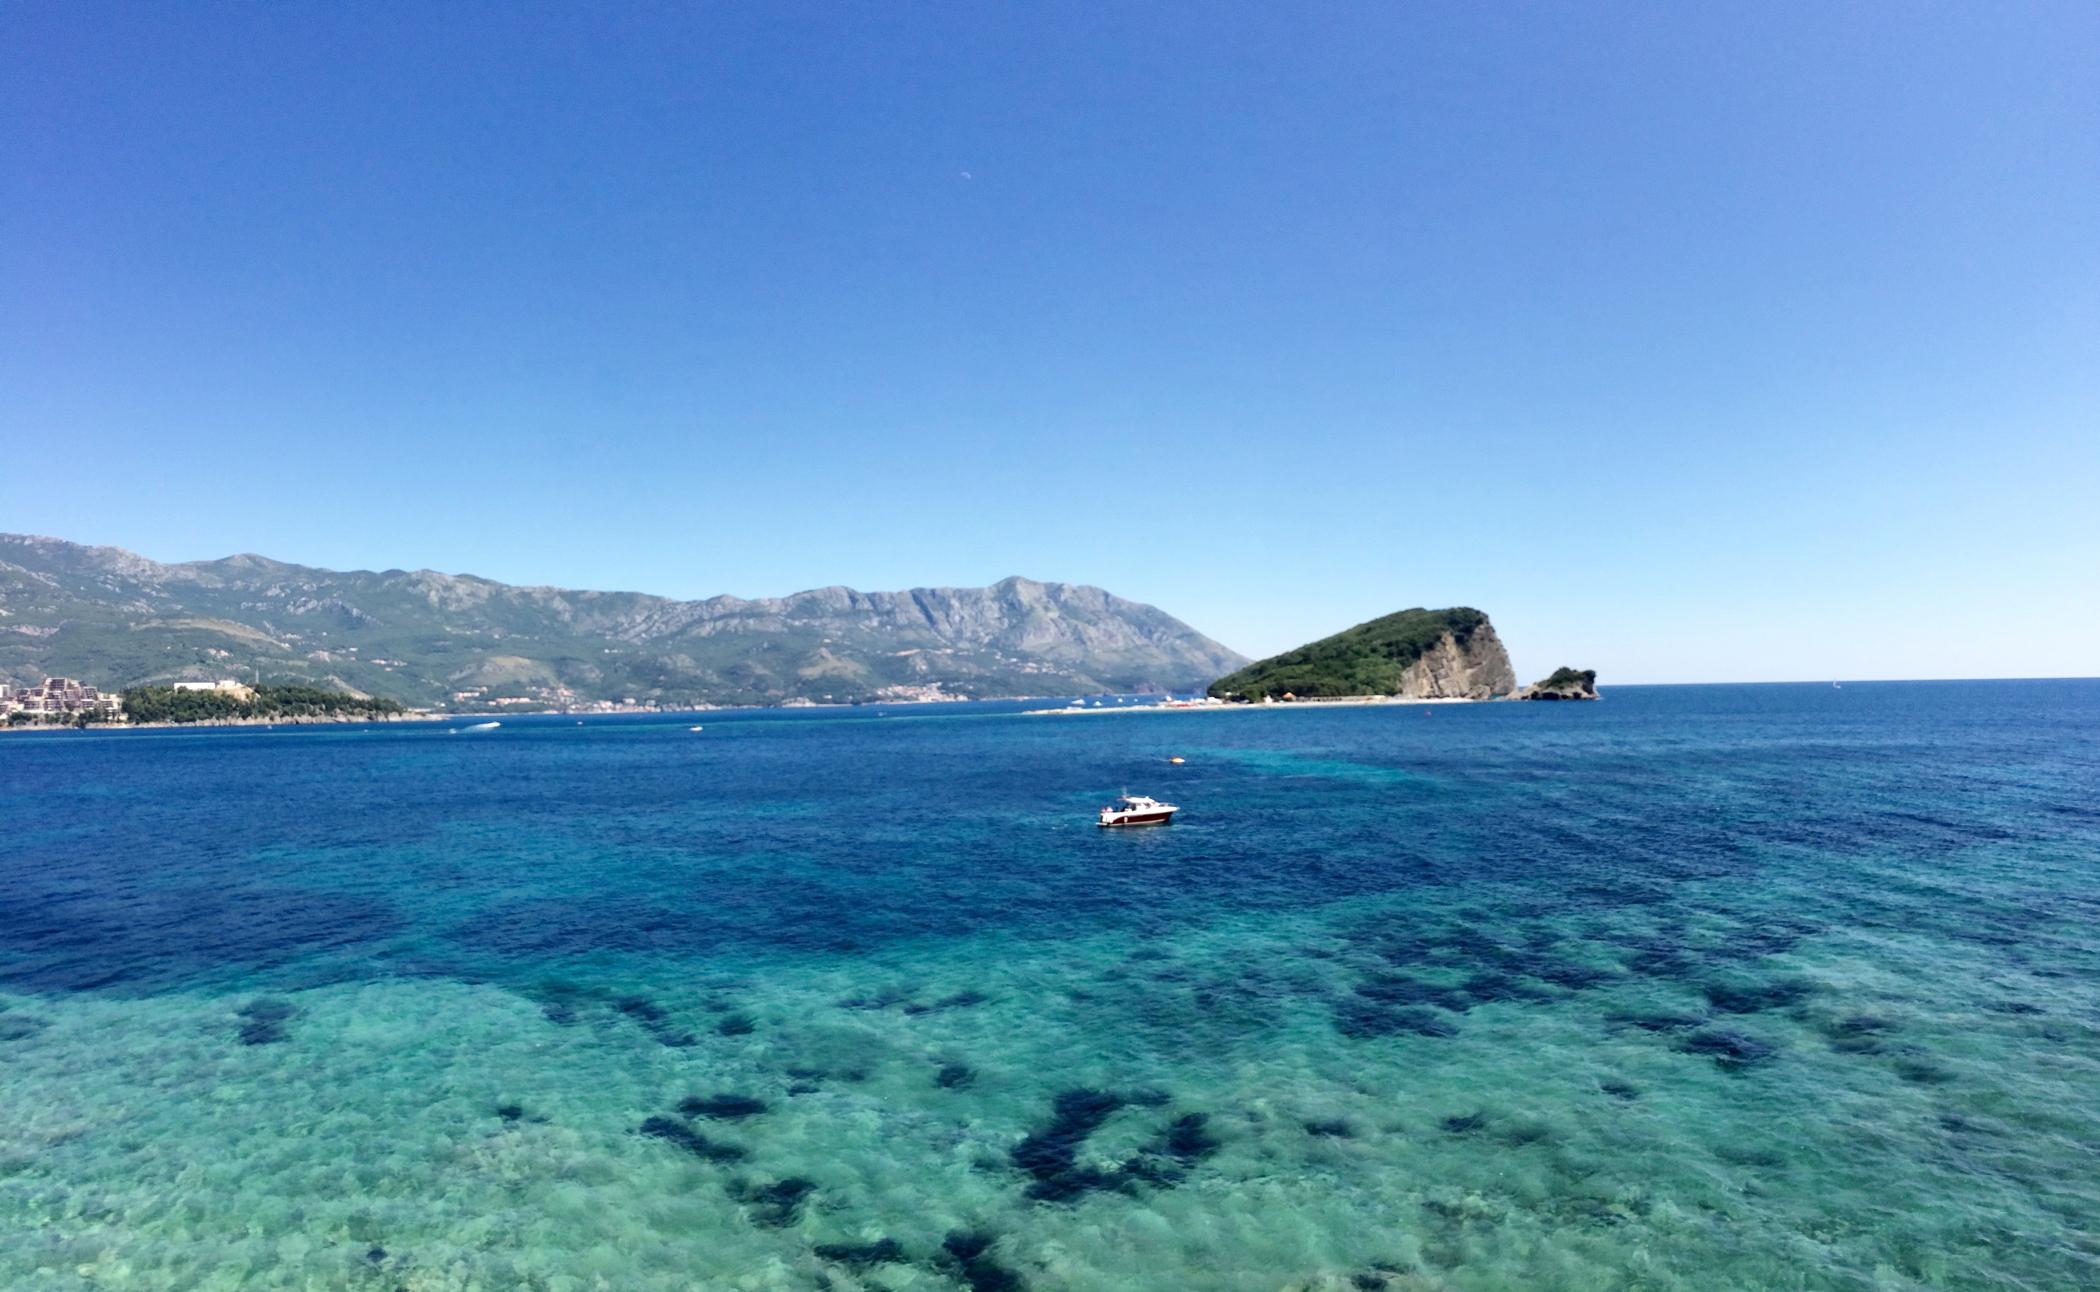 Liebeserklärung Ode an die Natur wie in Montenegro